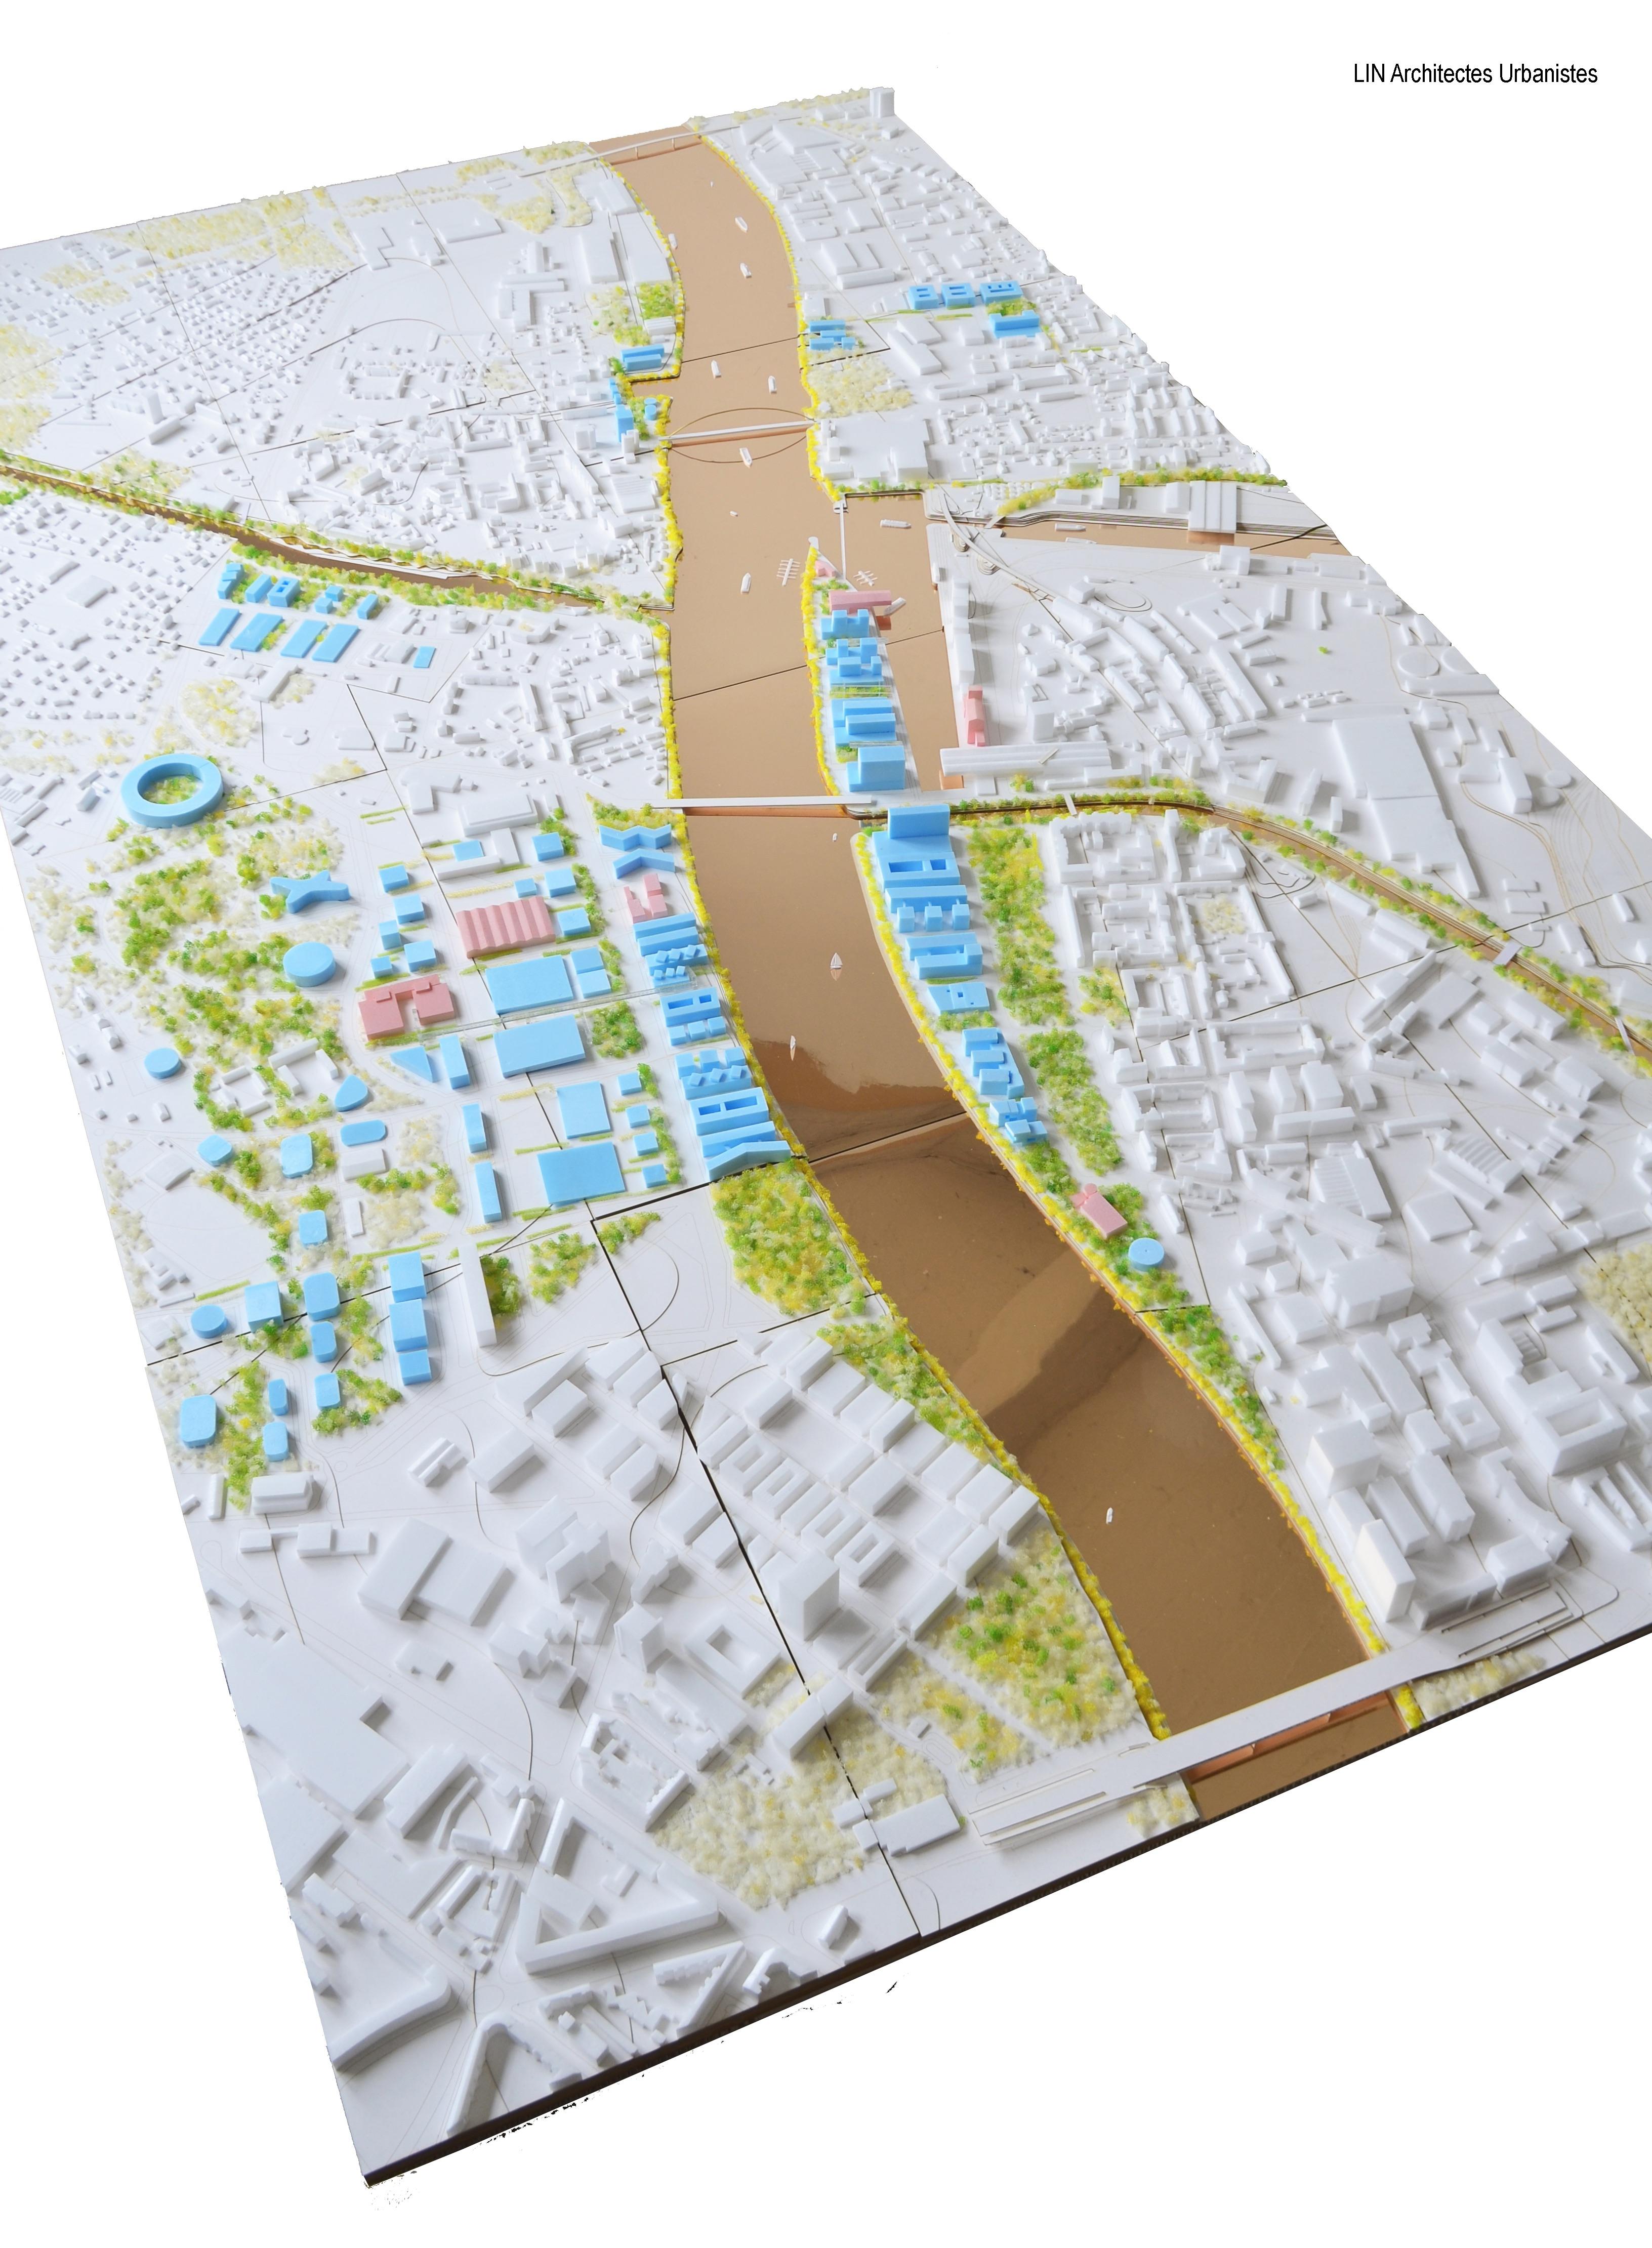 Auf dem Modell besonders gut ersichtlich: Wo heute die Gleise der Hafenbahn die Klybeckinsel vom Wohnquartier abtrennen, könnte im «Szenario Park» ein ebensolcher Park als Verbindungsstück fungieren.